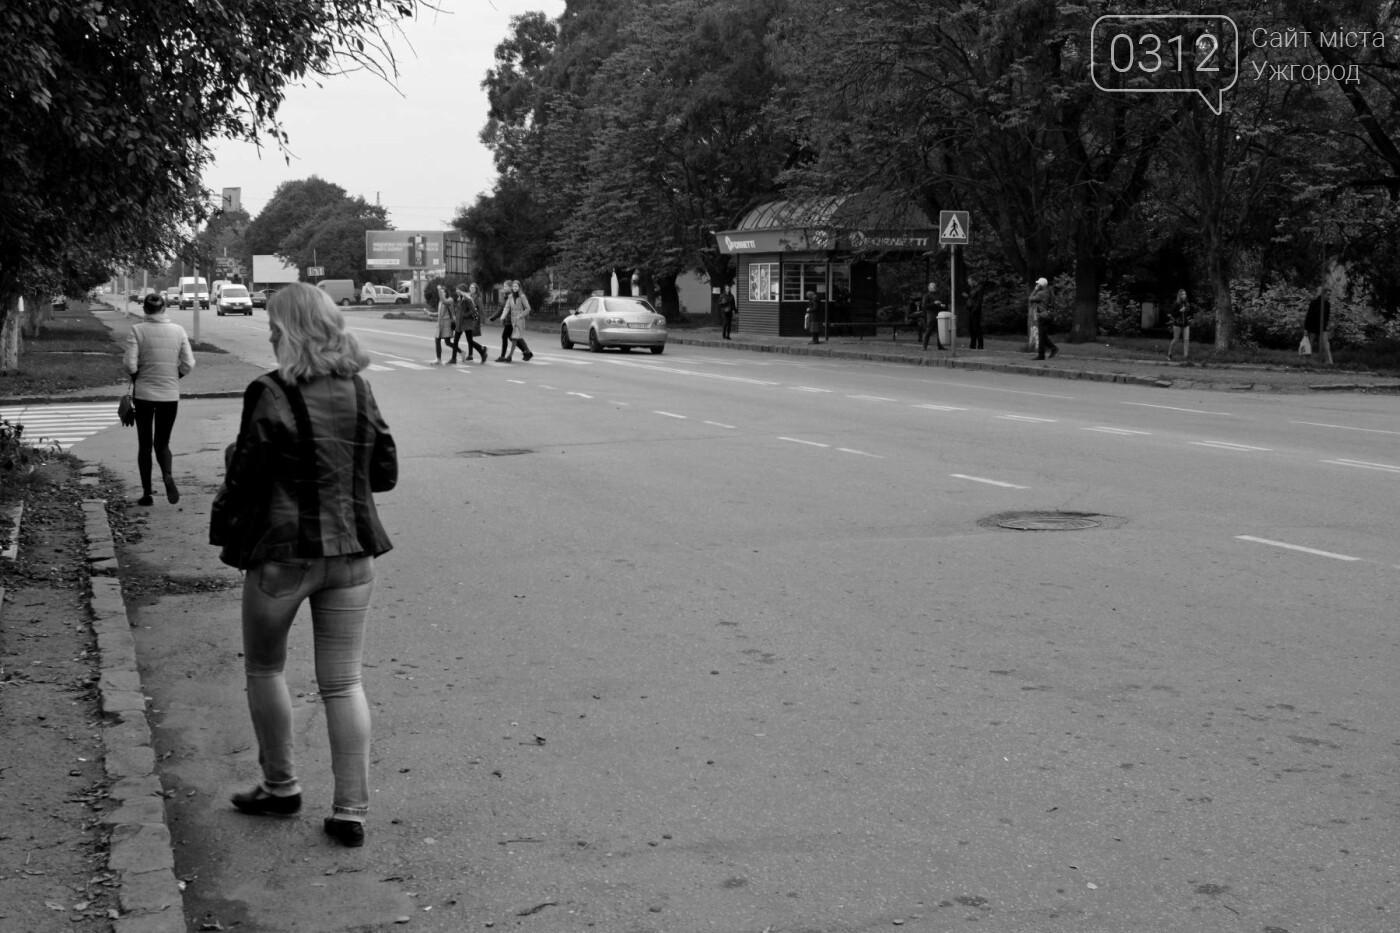 Чому в Ужгороді на Гагаріна можна легко потрапити у ДТП: фоторепортаж, фото-6